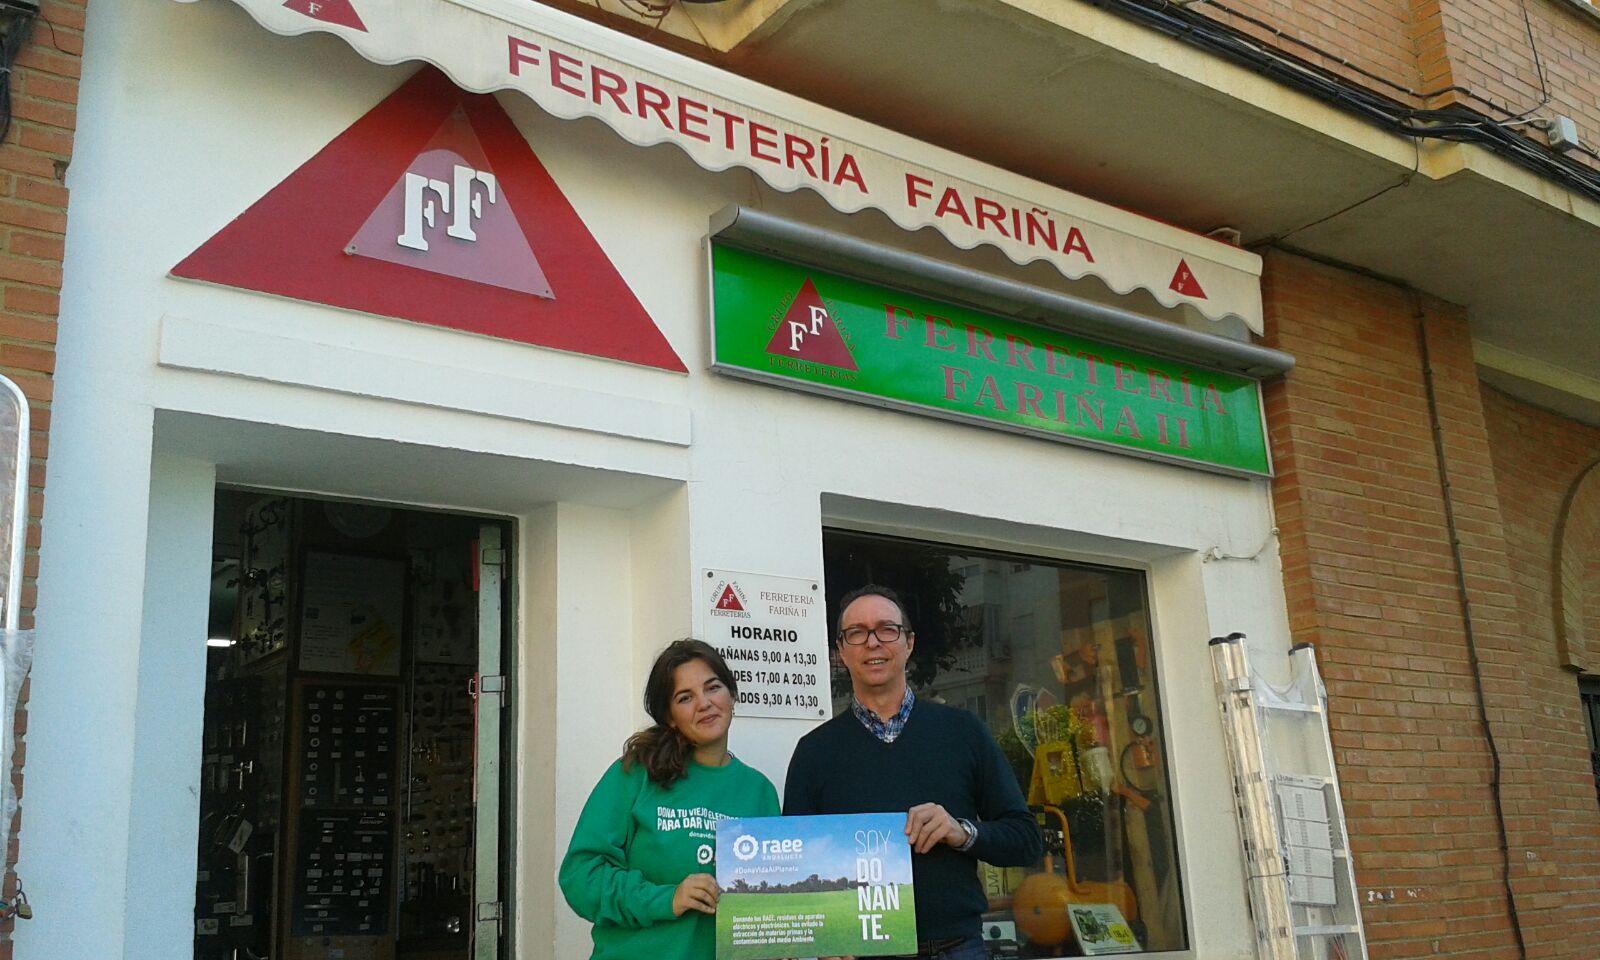 Ferreteria Fariña (Huelva)